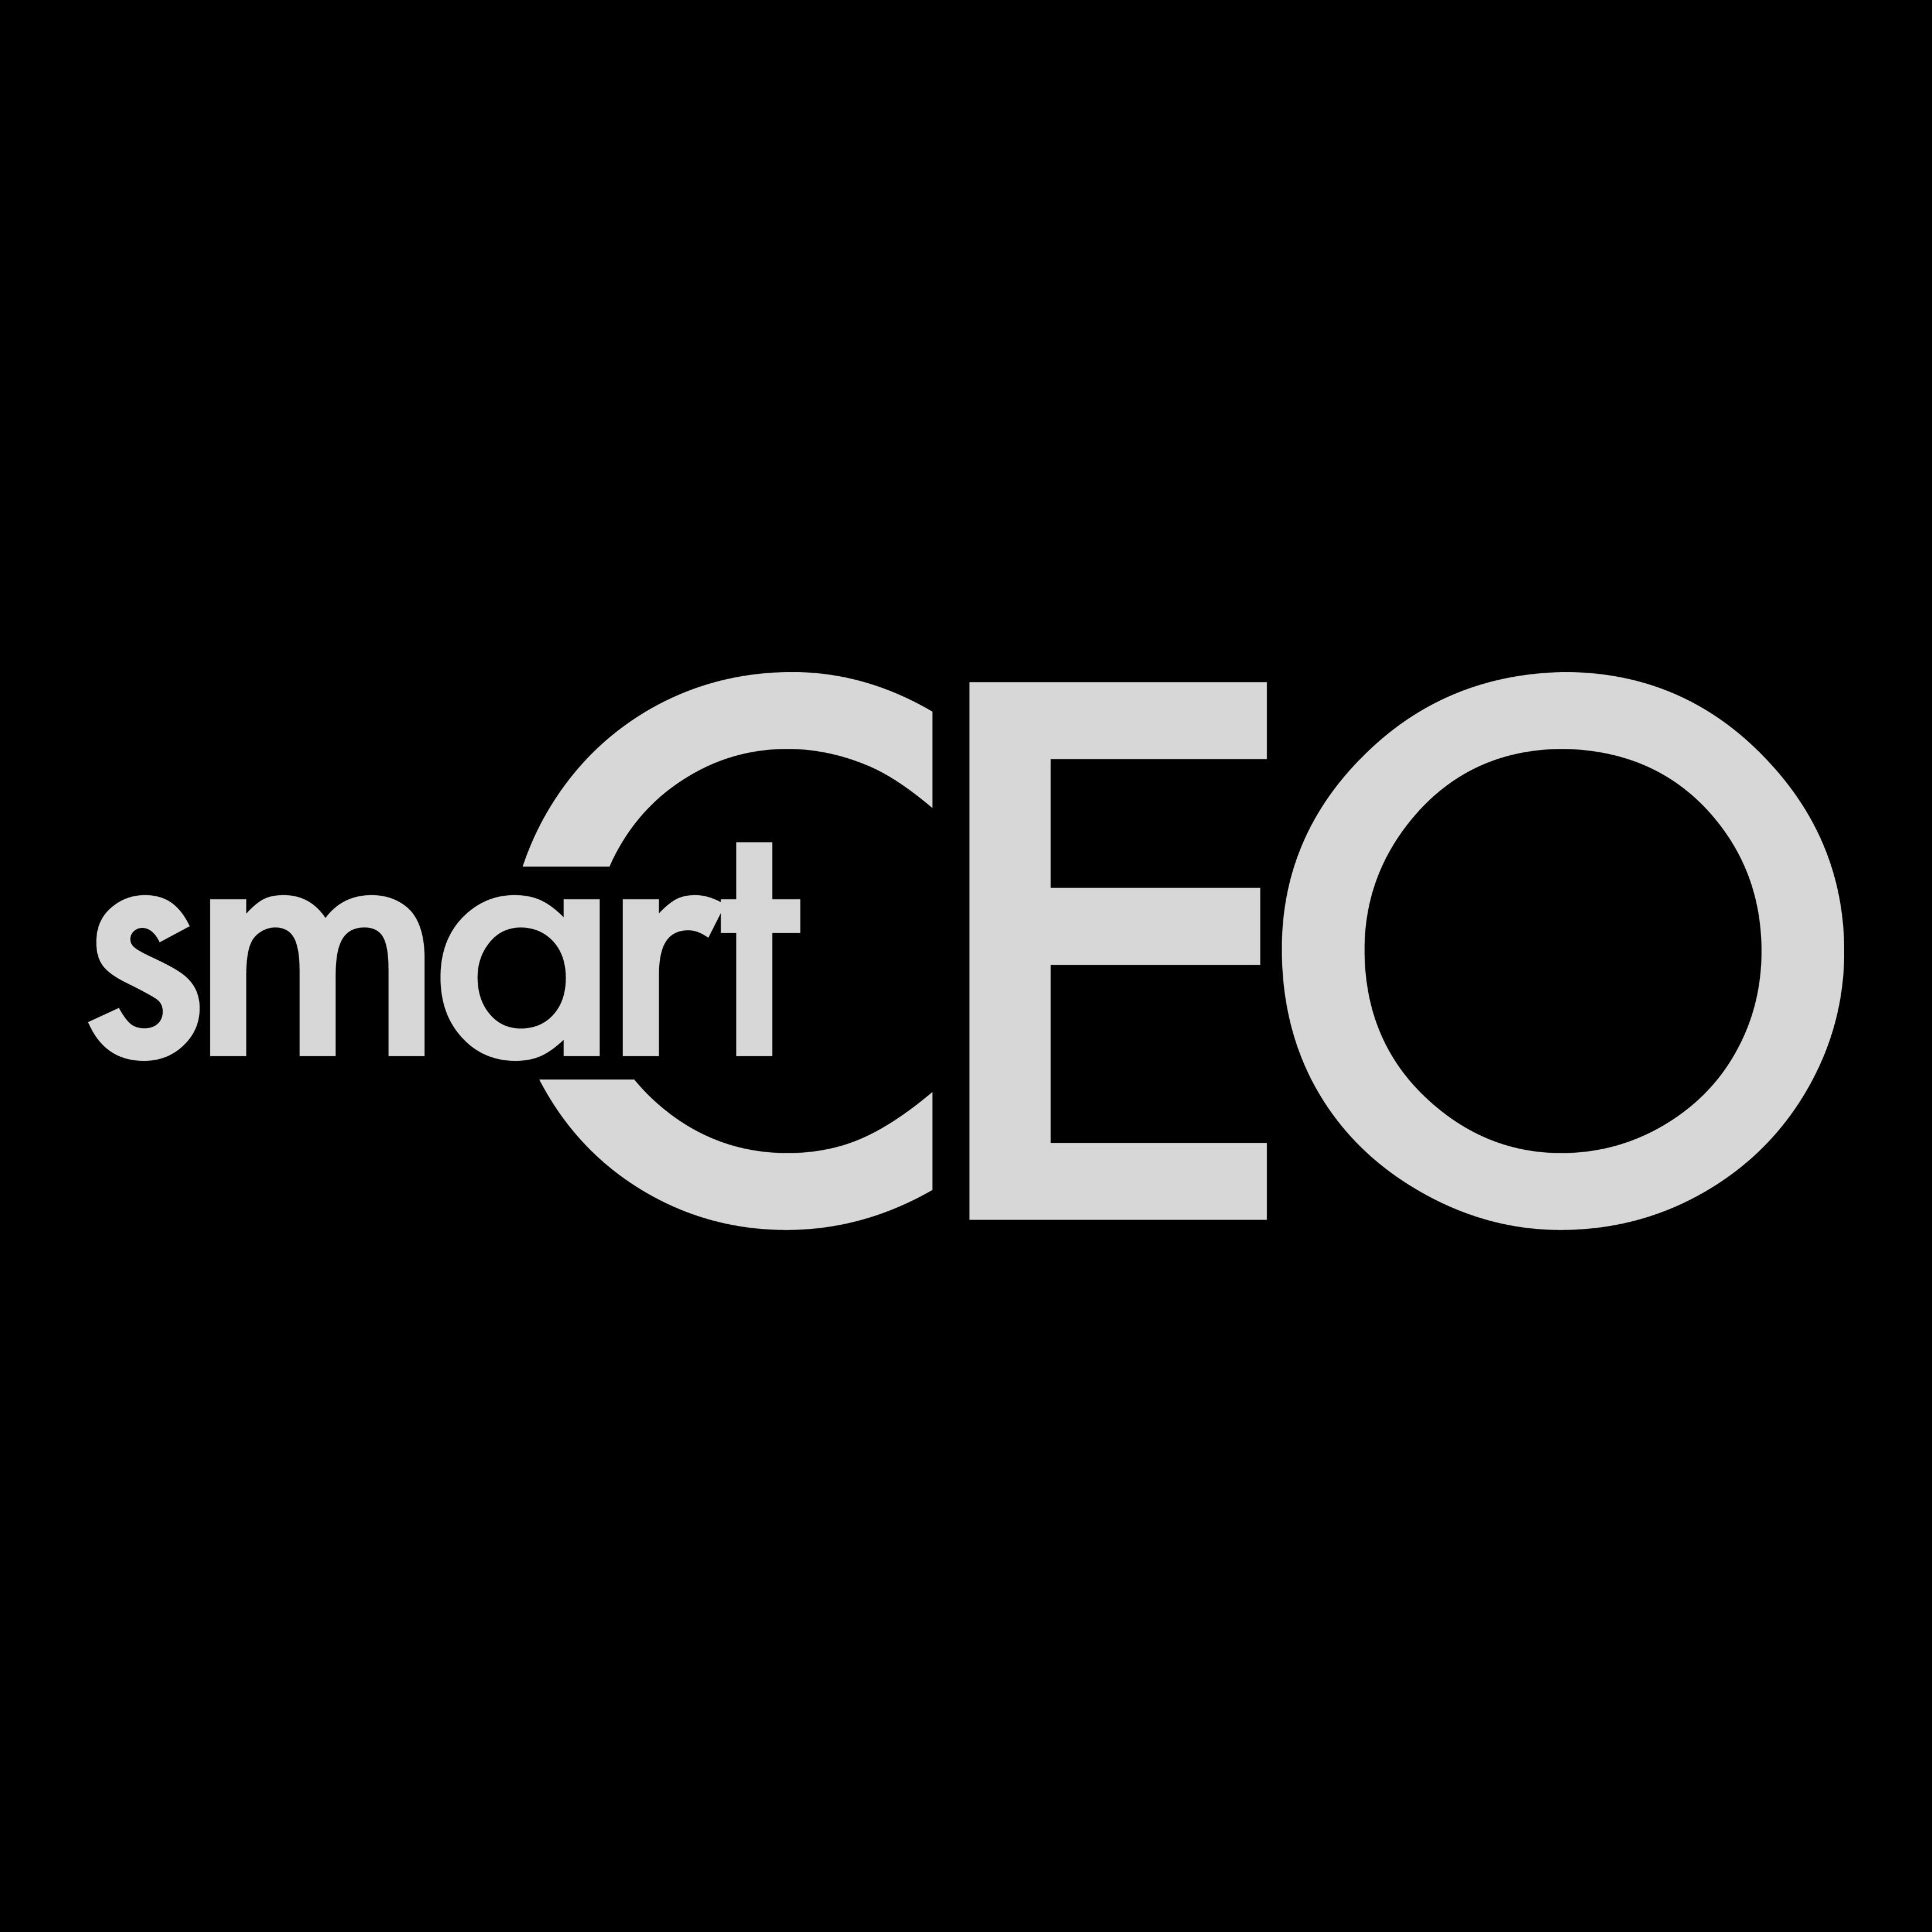 SmartCEO.jpg